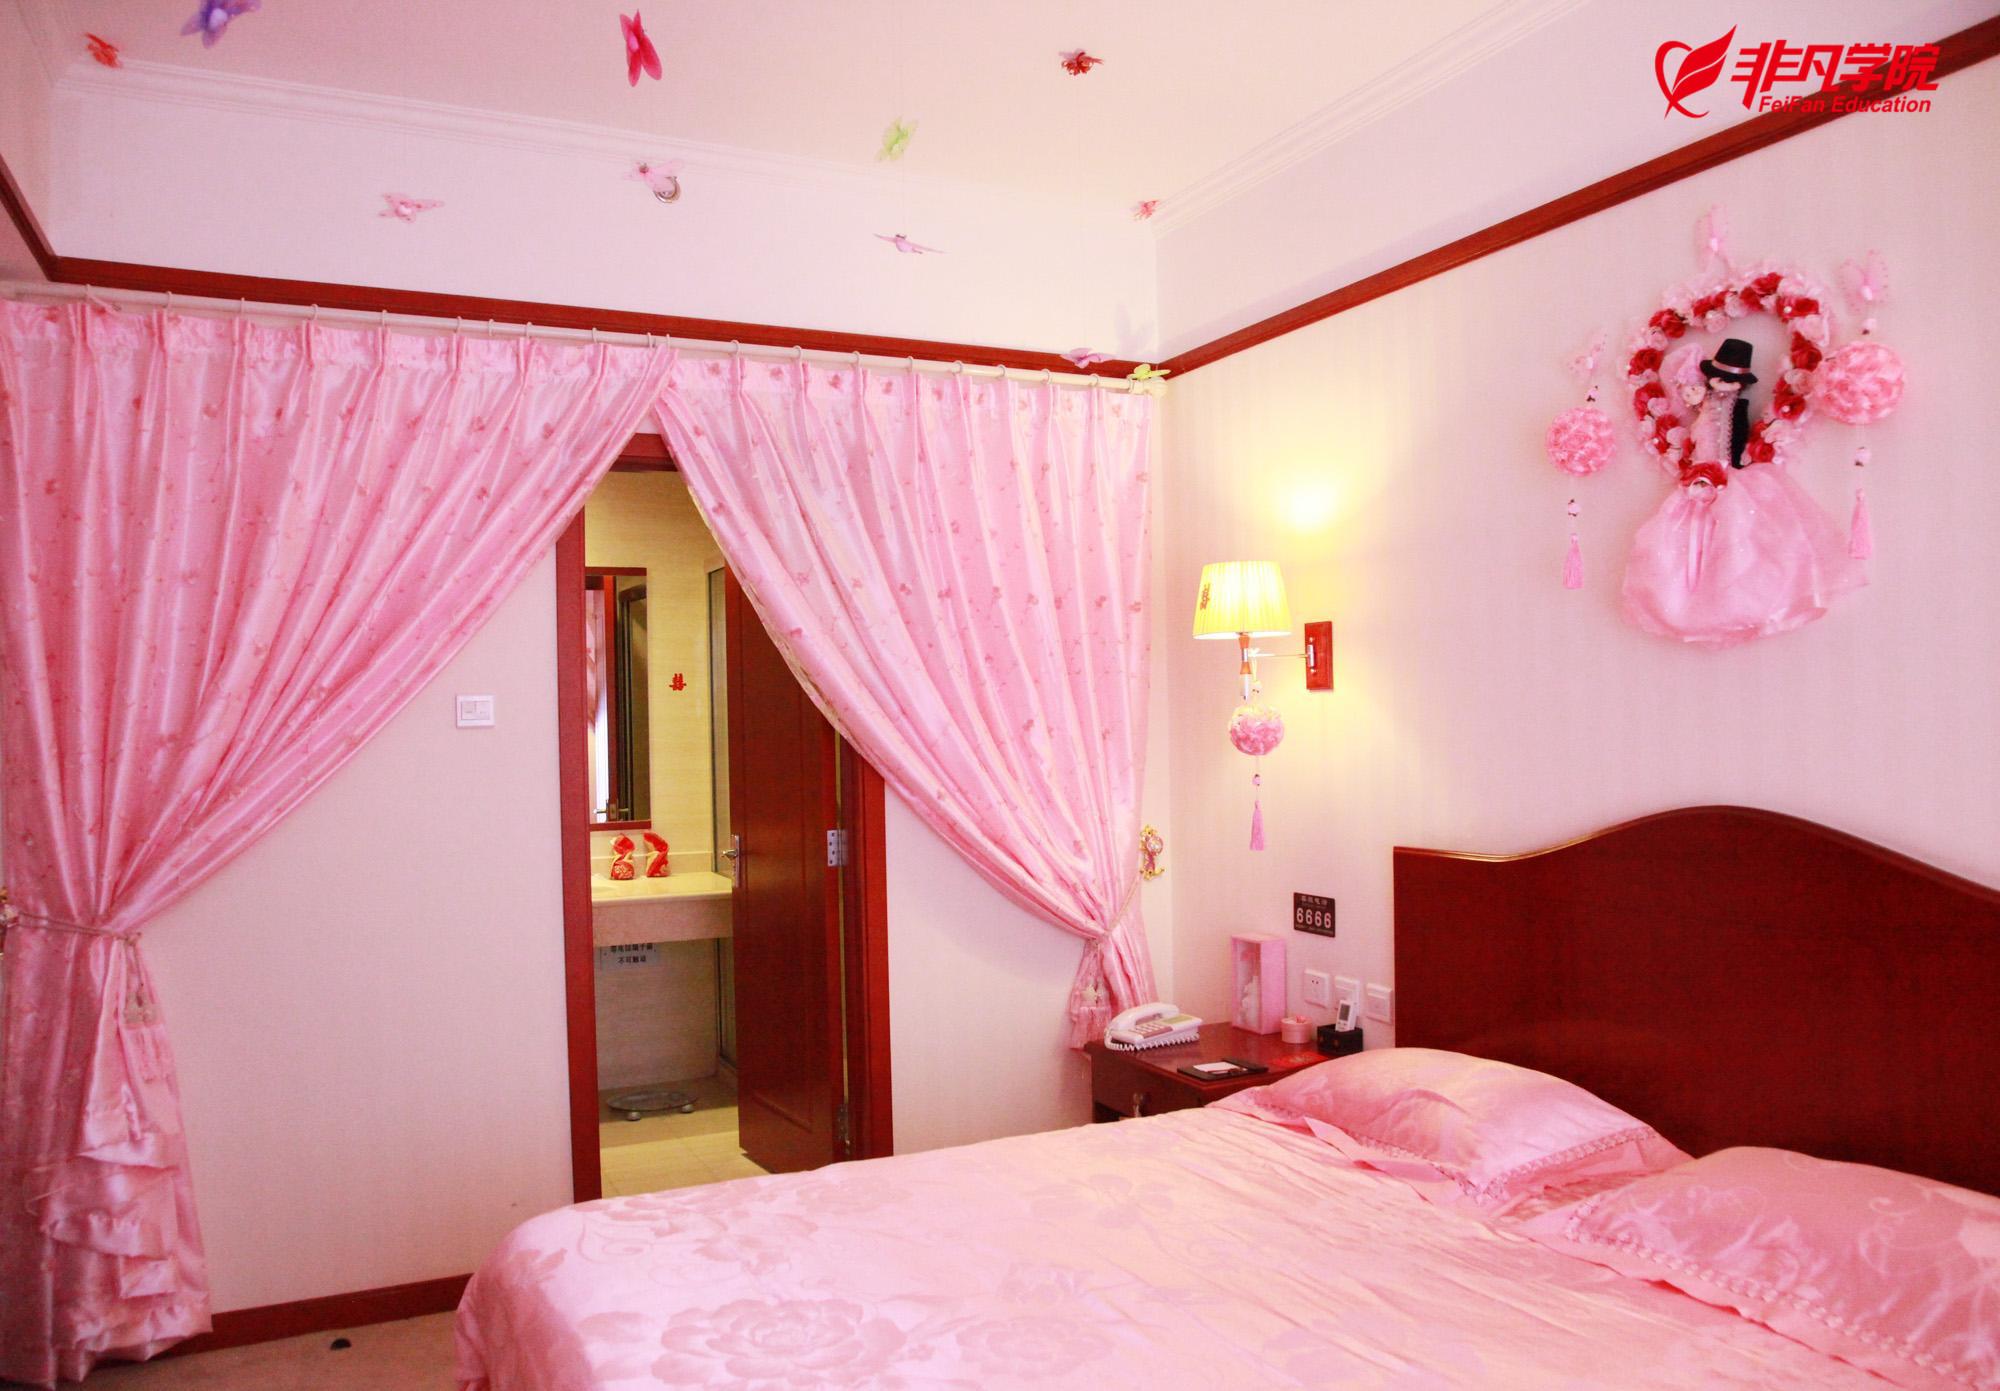 上海室内手绘效果图培训—新婚卧室风水布局8字诀